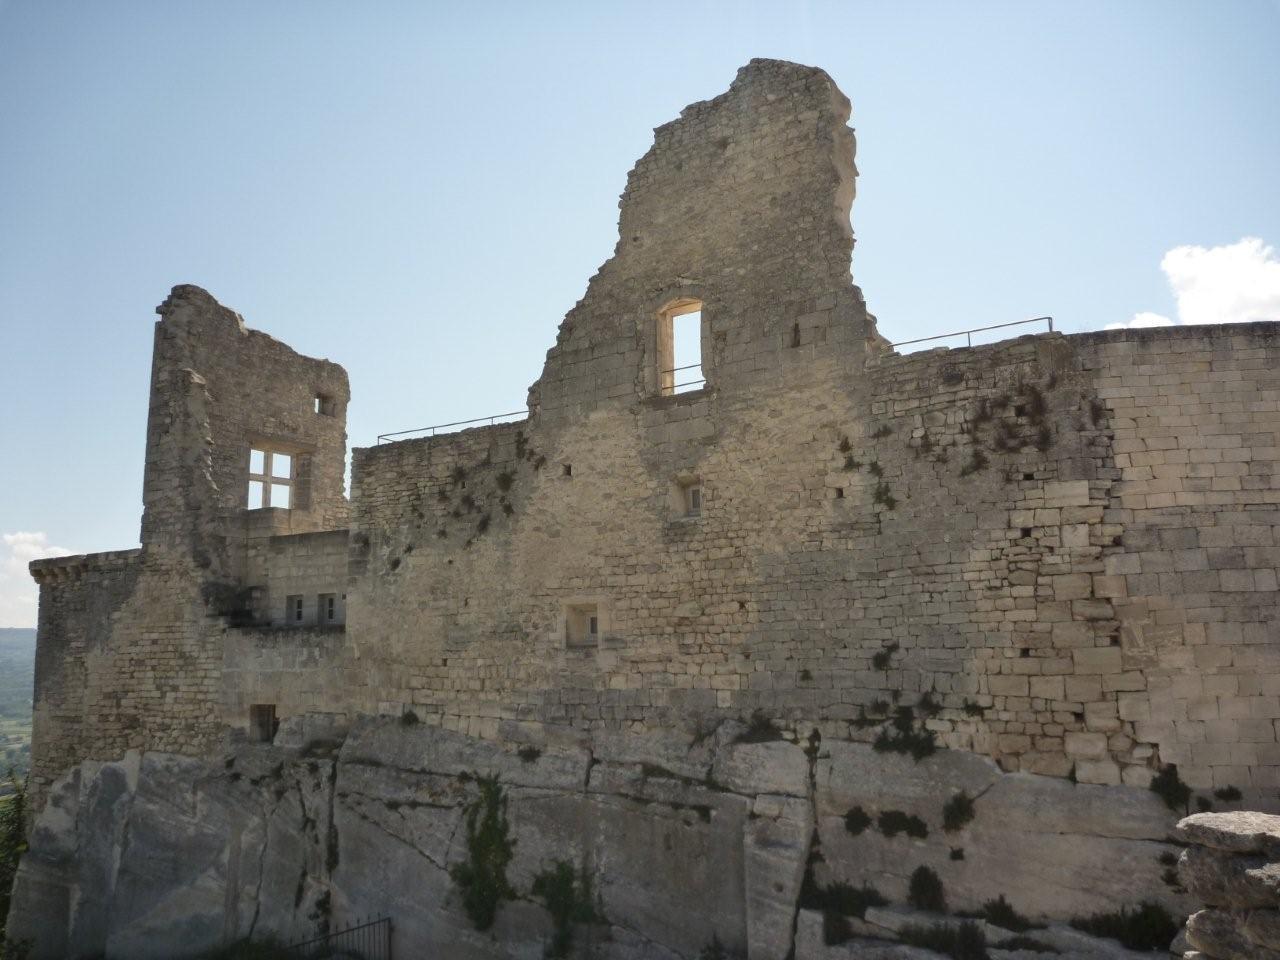 Chateau de Lacoste (Marquis de Sade)